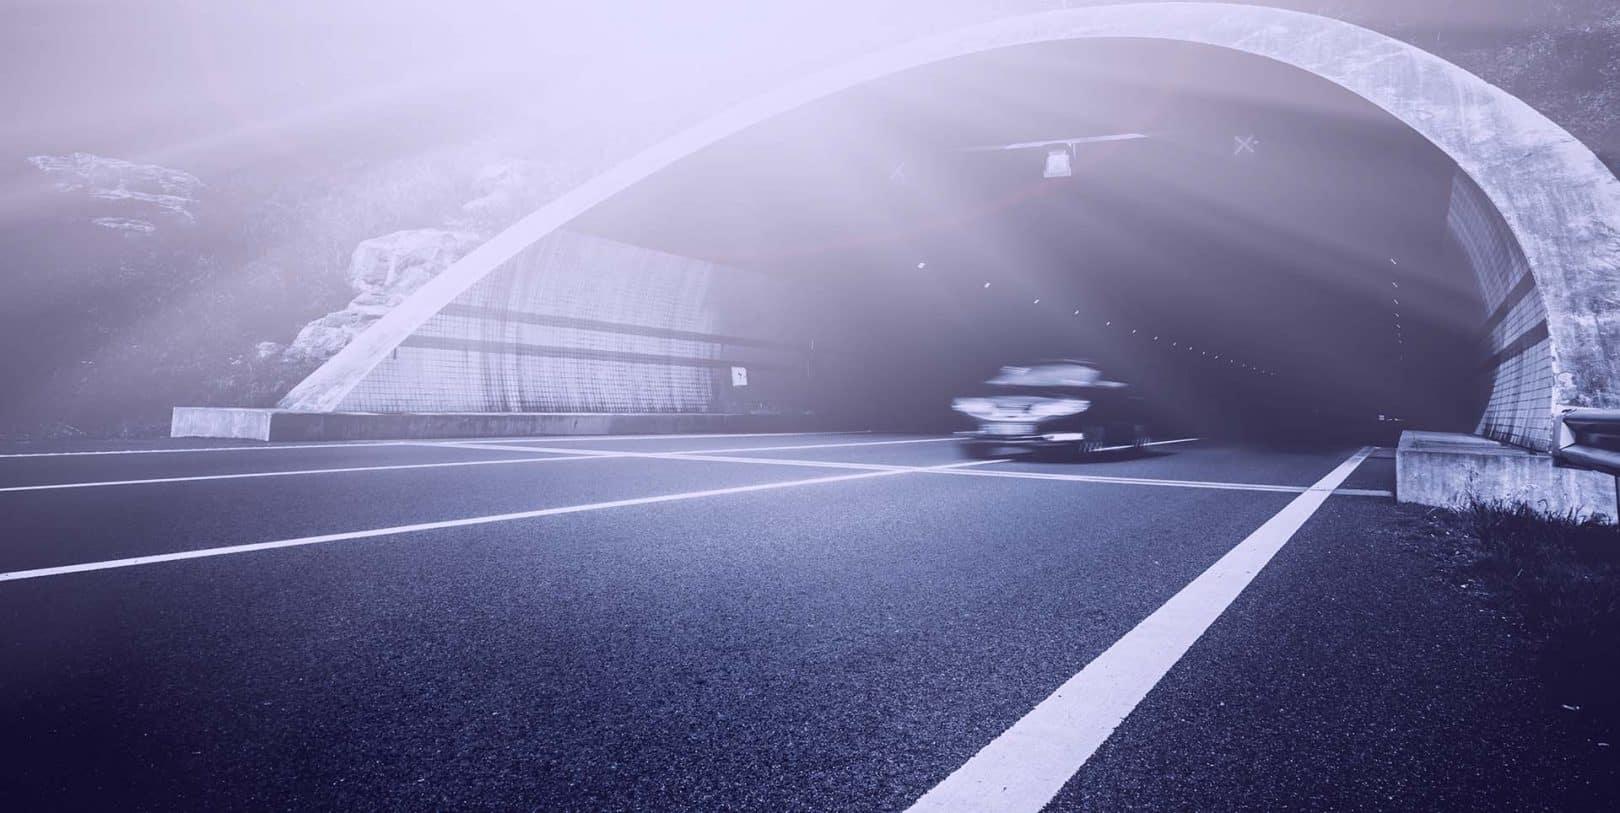 componenti woertz per l'impianto di illuminazione nelle gallerie autostradali e ferroviarie